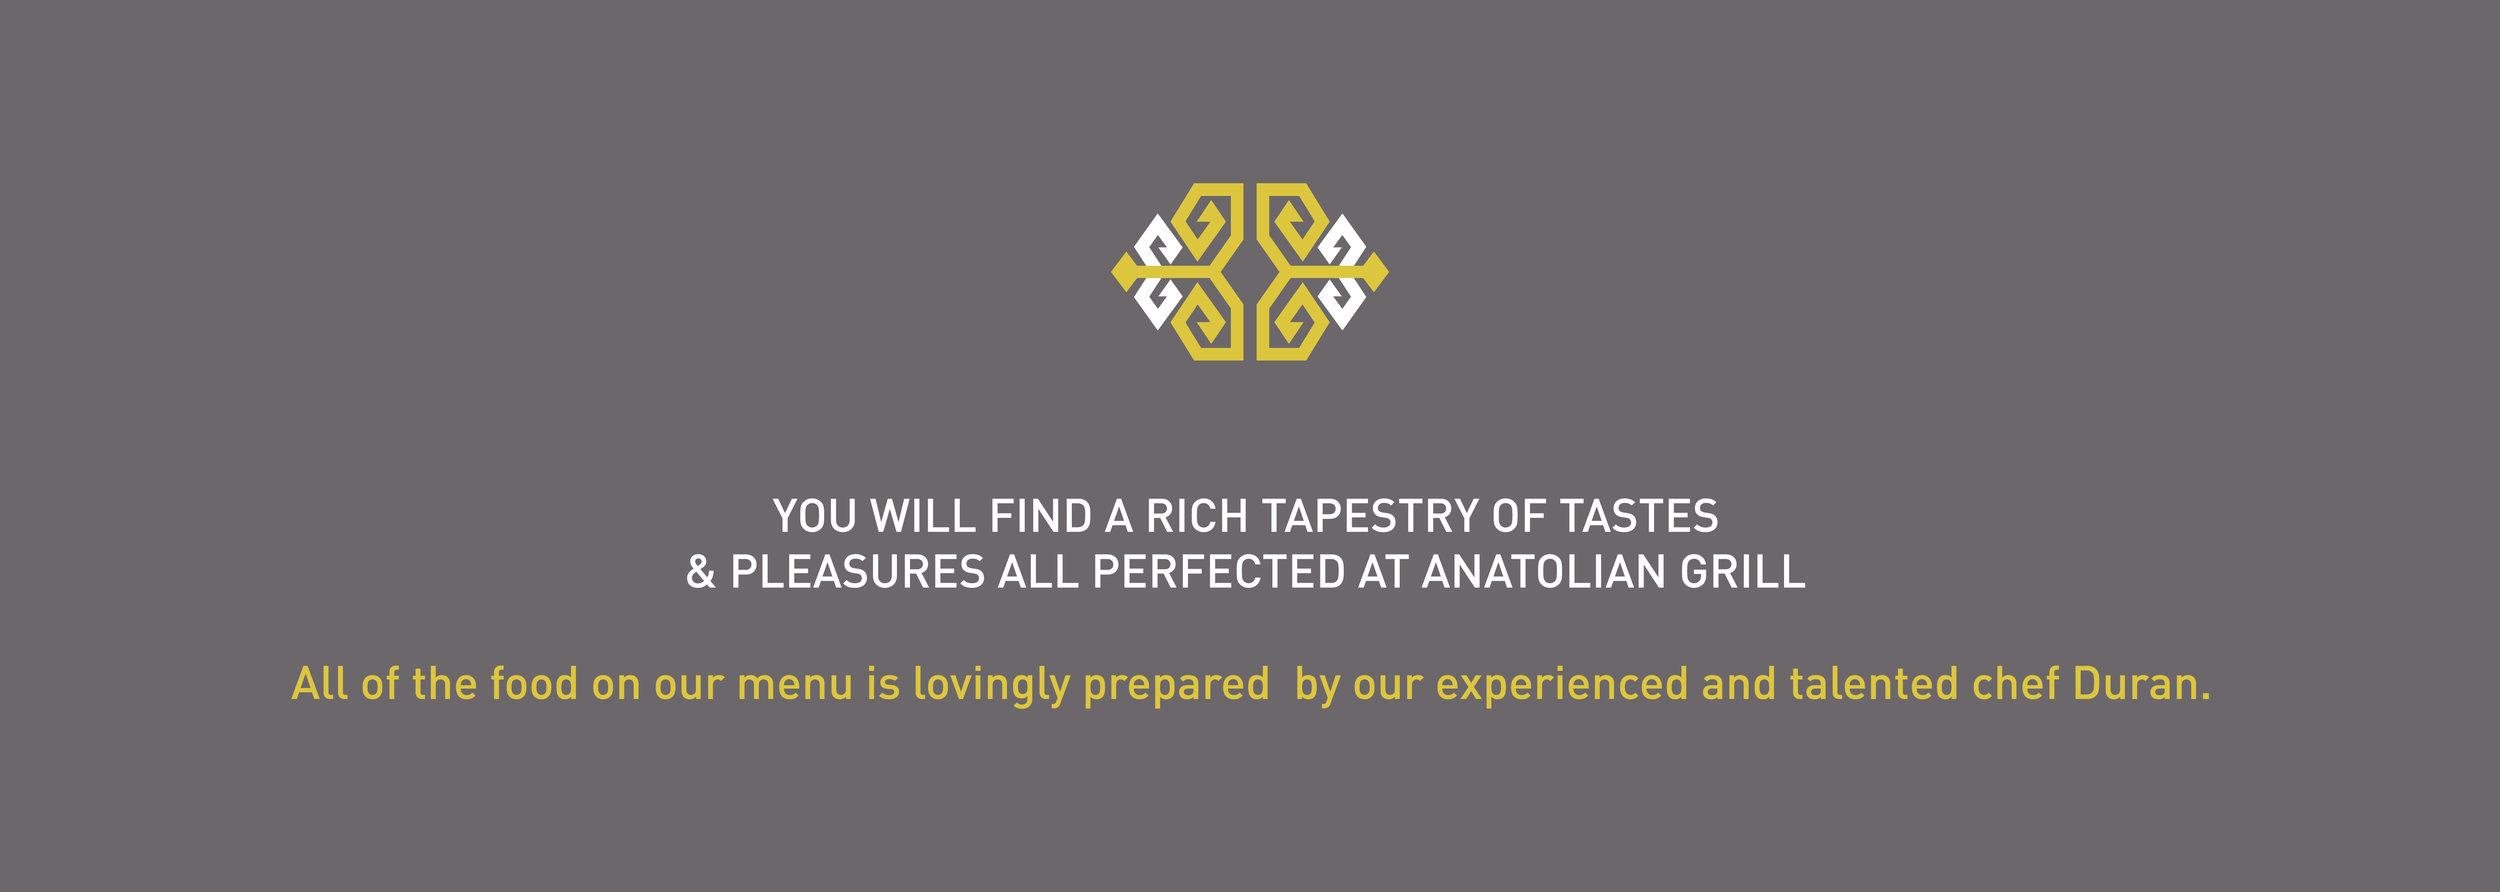 anatolian banner-03.jpg